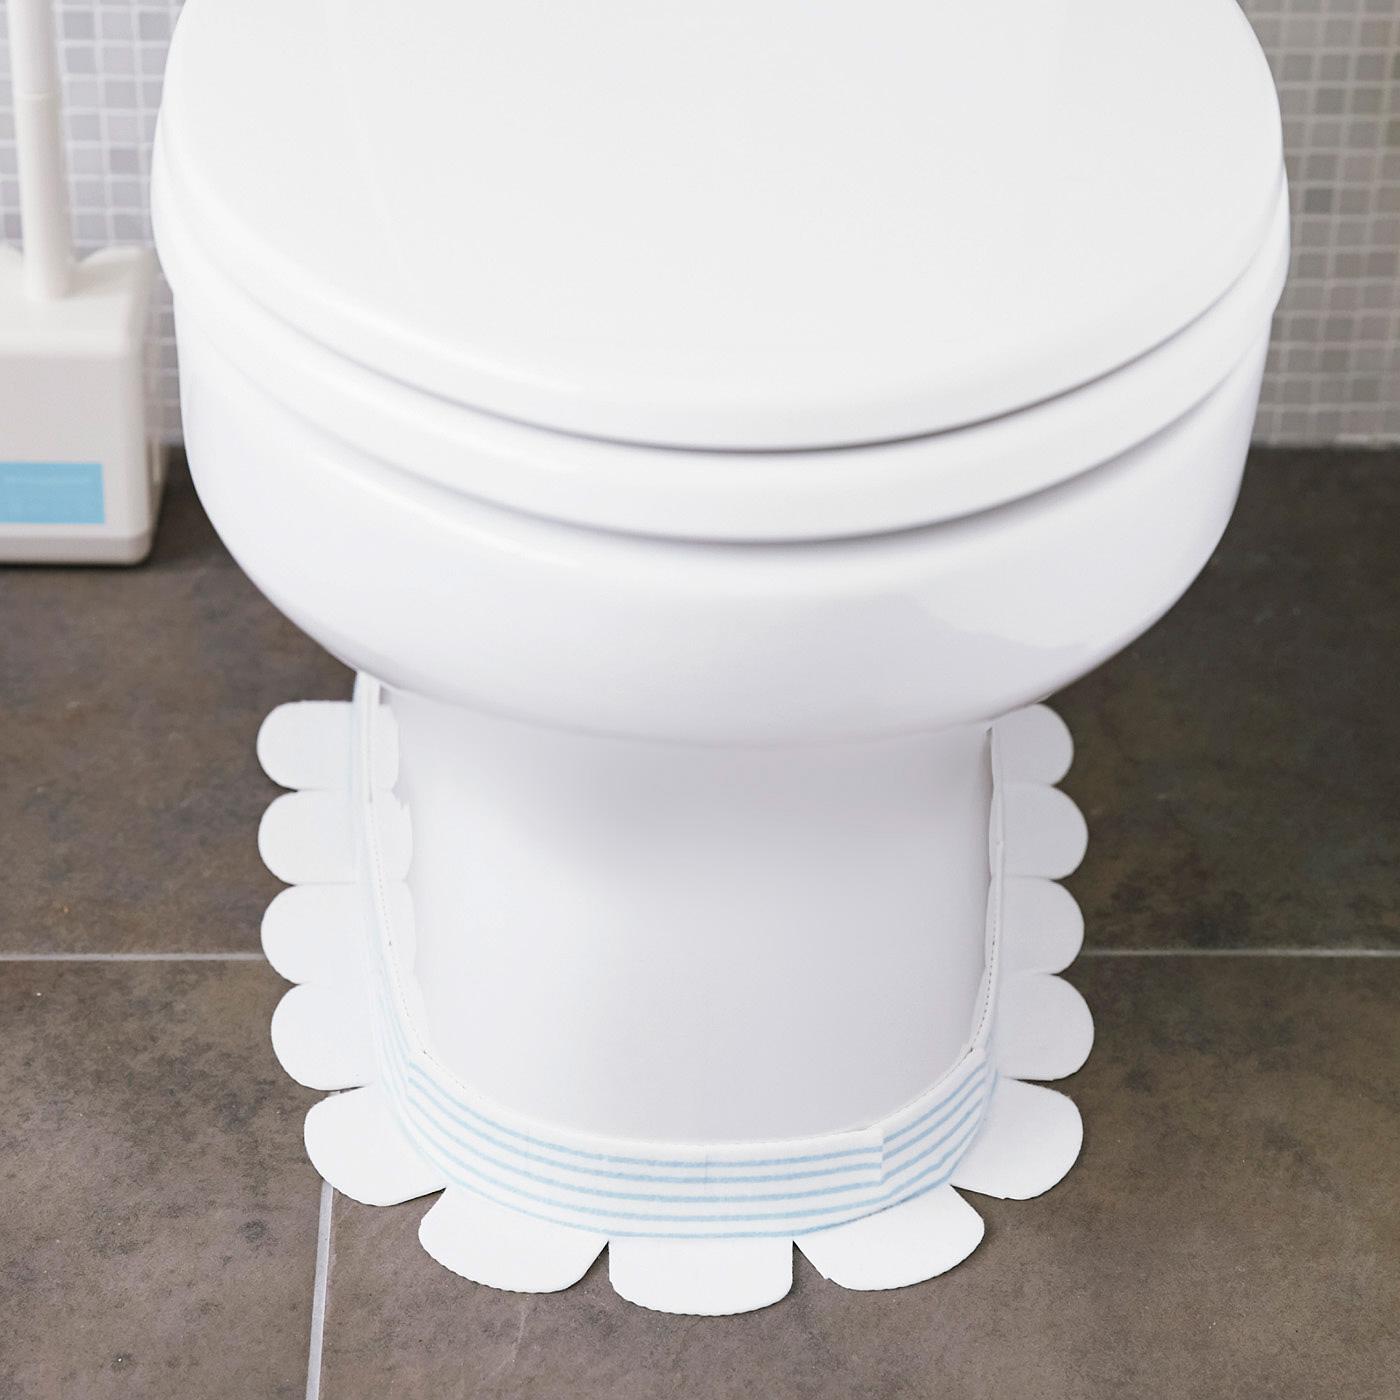 フェリシモ においの原因汚れをガード! トイレのすき間テープの会【定期便】